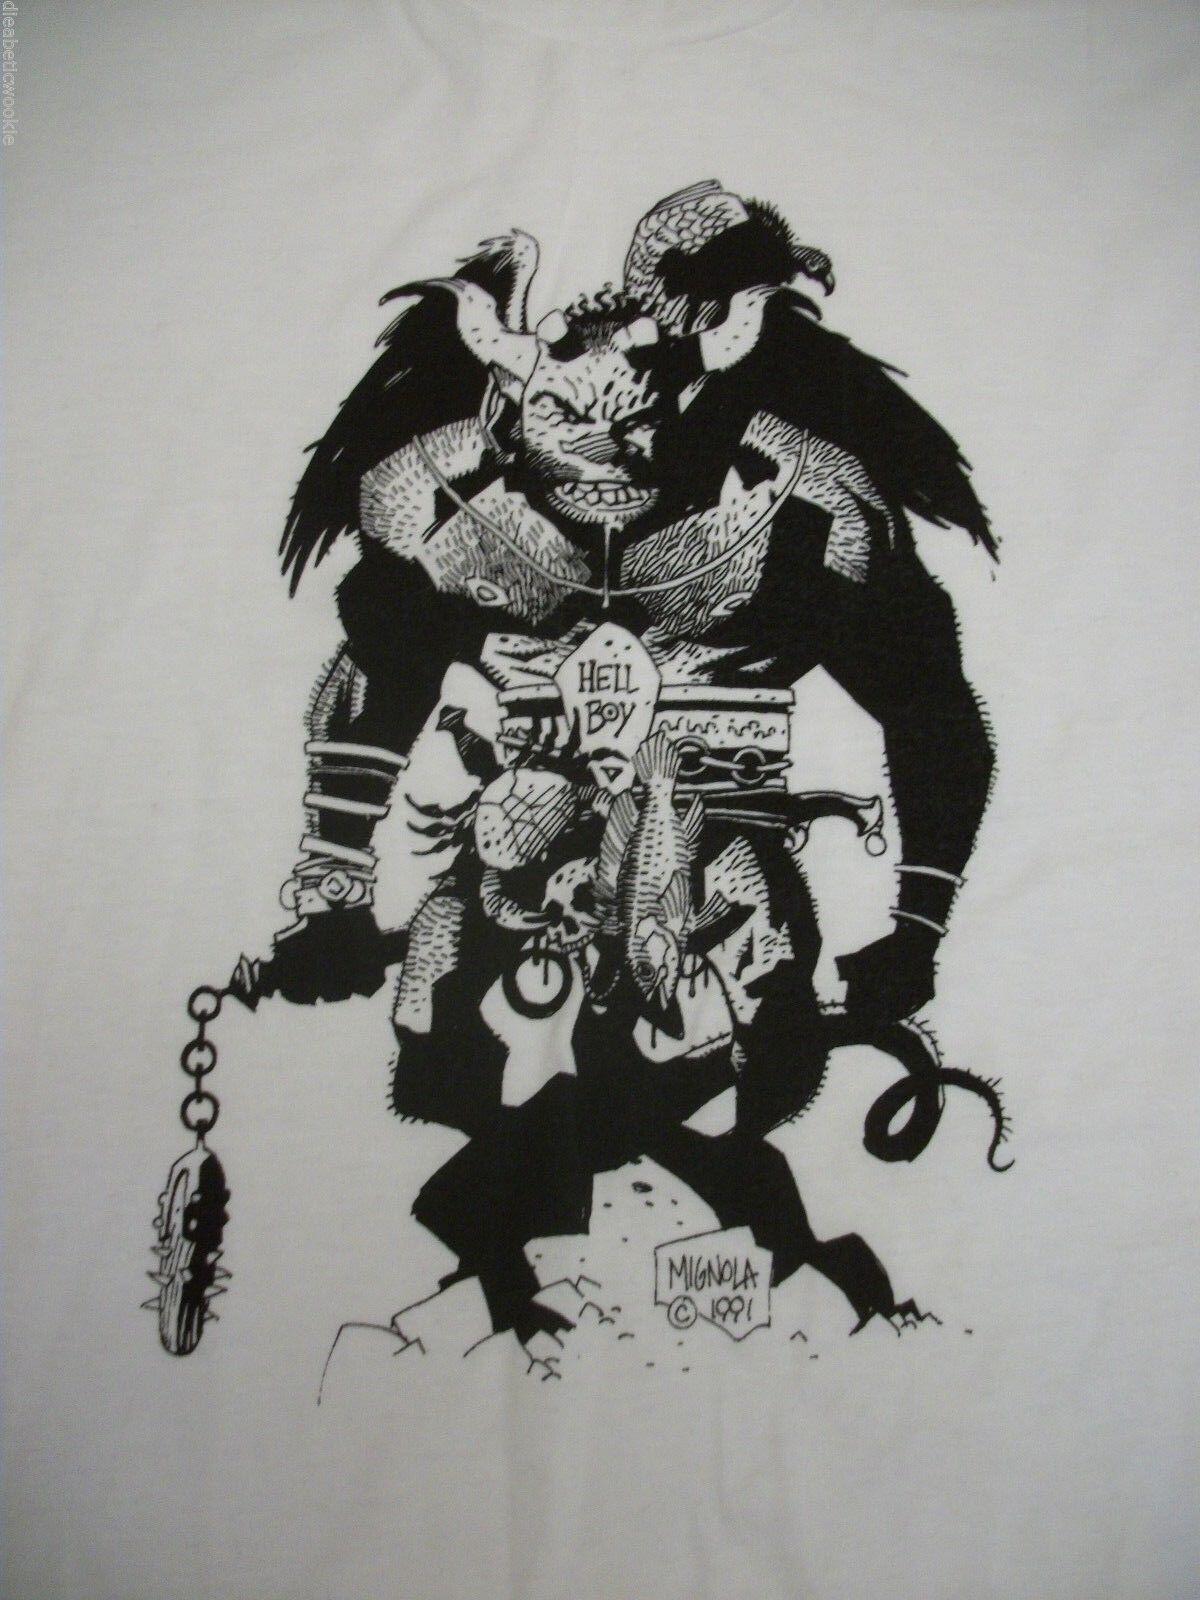 Weiß Mondocon Hellboy Mike Mignola Kurzärmlig Herren Herren Herren T-Shirt XL Baumwolle Selten | Erste Gruppe von Kunden  e0d610